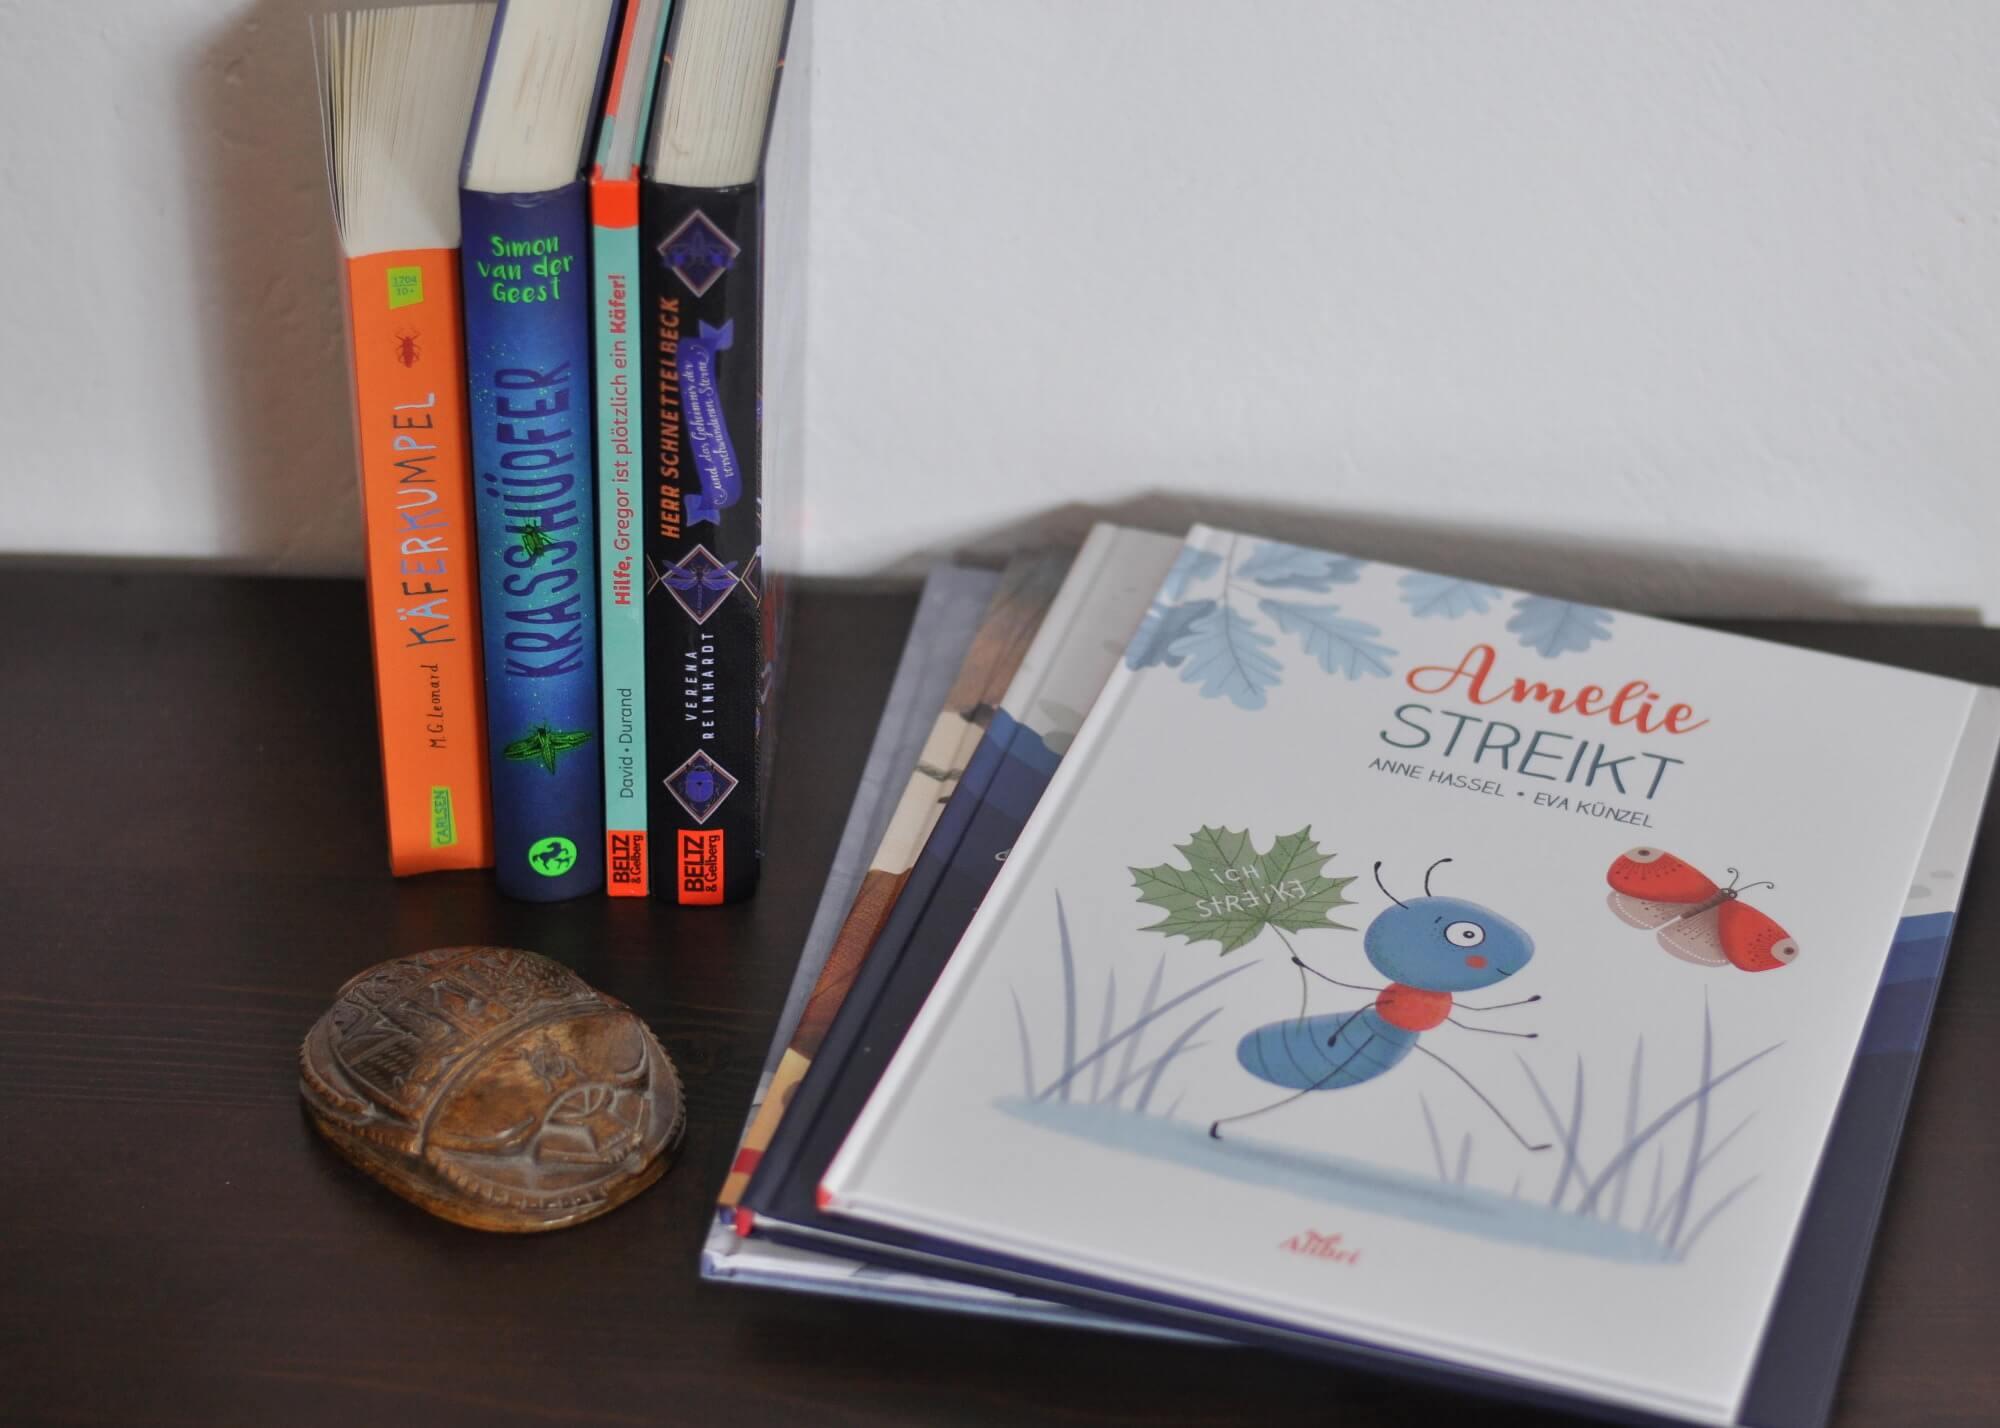 Käferliebe fängt nämlich bereits im Bilderbuch an: mit einer streikenden Ameisen, einer Büro-Zikade oder einem Mottenflug zum Mond. Oder wie wäre es mit einem gesellschaftskritischen Insekten-Roman, in dem ein betagter Mistkäfer die Hauptrolle spielt? Ich stelle hier Bilder- und Kinderbücher über heldenhafte Insekten vor und bin mir sicher, dass für kleine und große Krabbel-Fans zwischen 3 und 12 Jahren etwas Passendes dabei ist. #kinderbuch #lesen #vorlesen #insekten #käfer #buch #helden